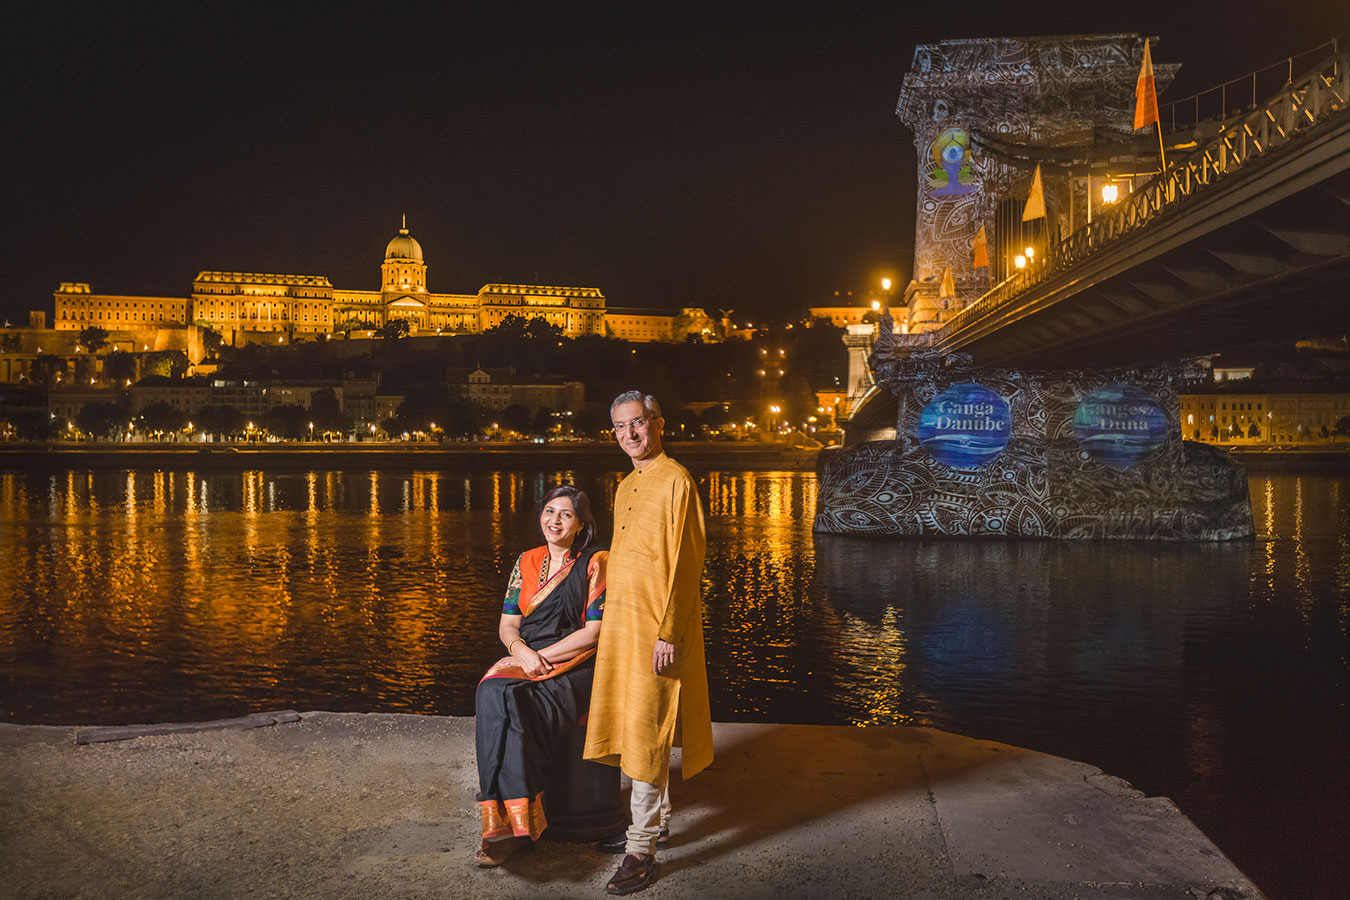 ind-rahul-chhabra-2018-ganga-danube-indian-cultural-festival-2017-budapest-chain-bridge.jpg